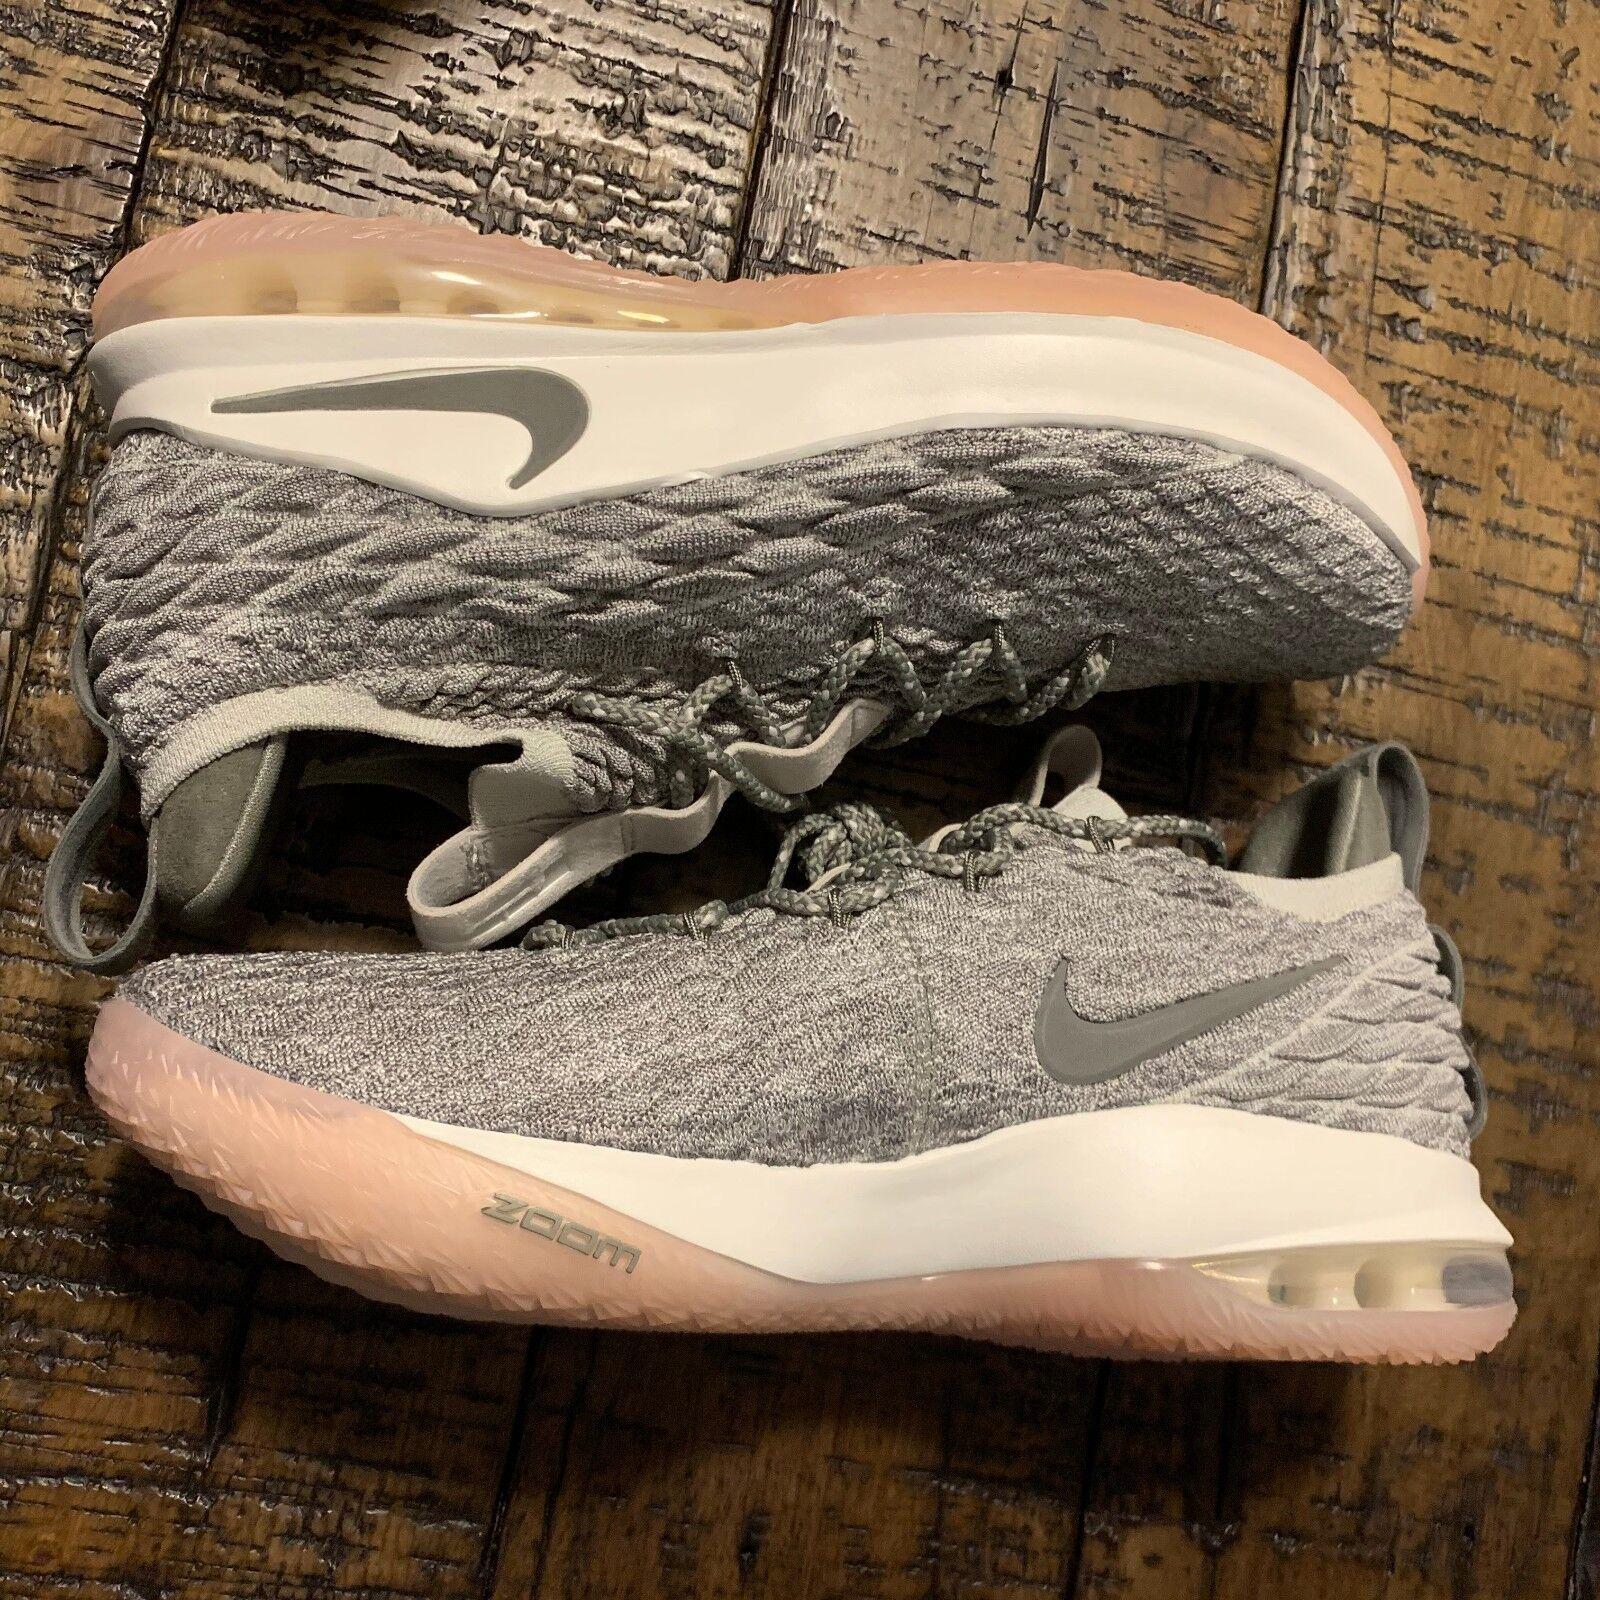 Nike Lebron Xv Low White Light Bone  SZ 12 AO1755-003 NO BOX TOP